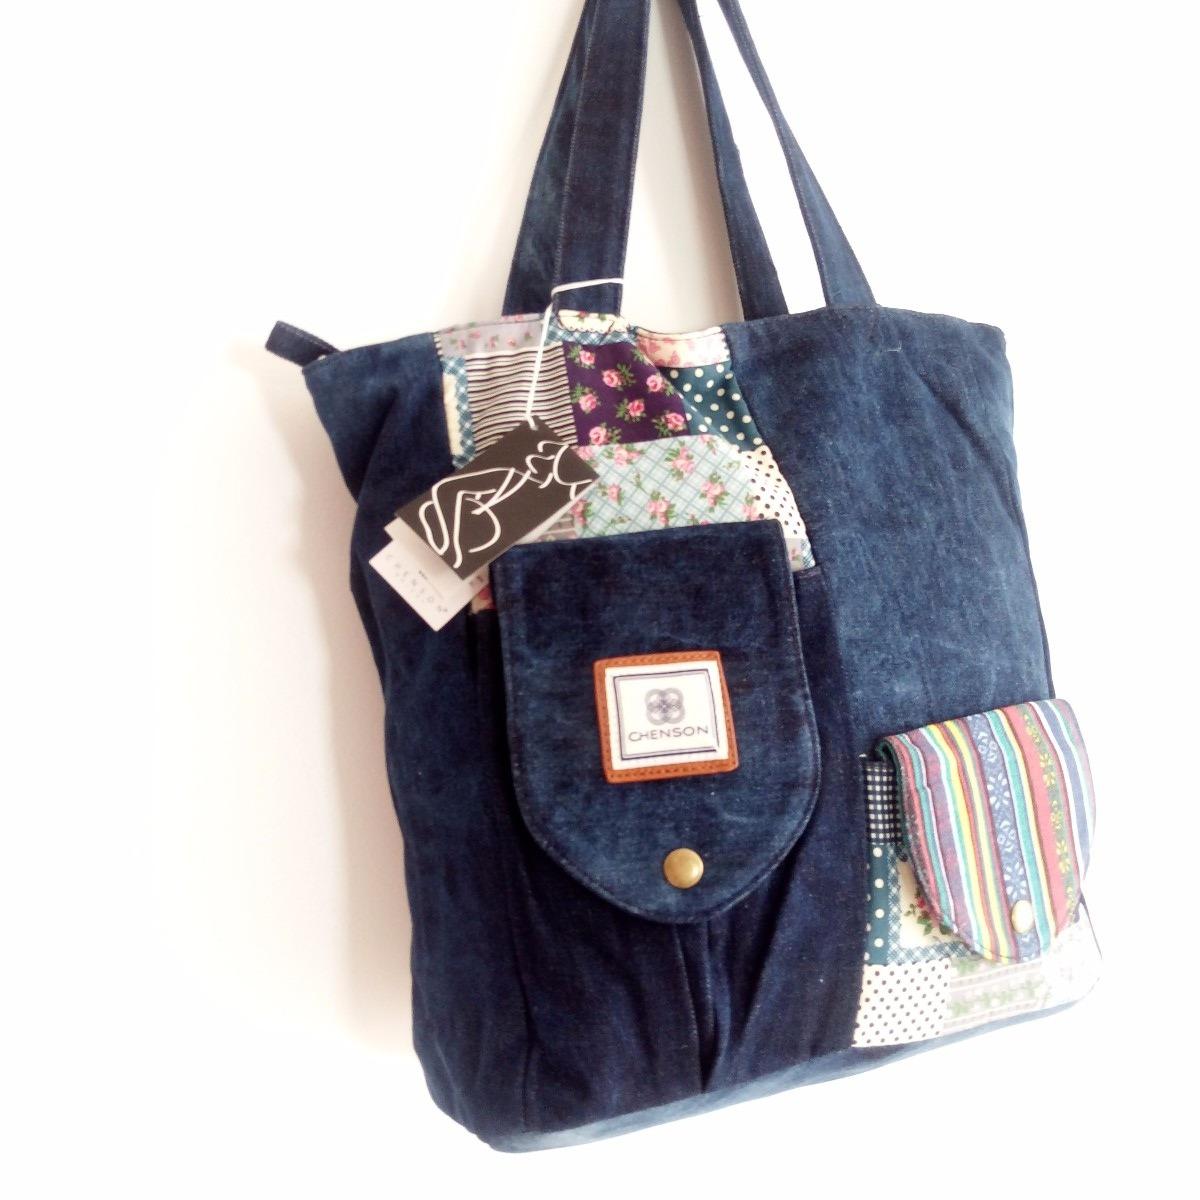 d6b662931 bolsa feminina sacola tecido jeans faculdade importada. Carregando zoom.